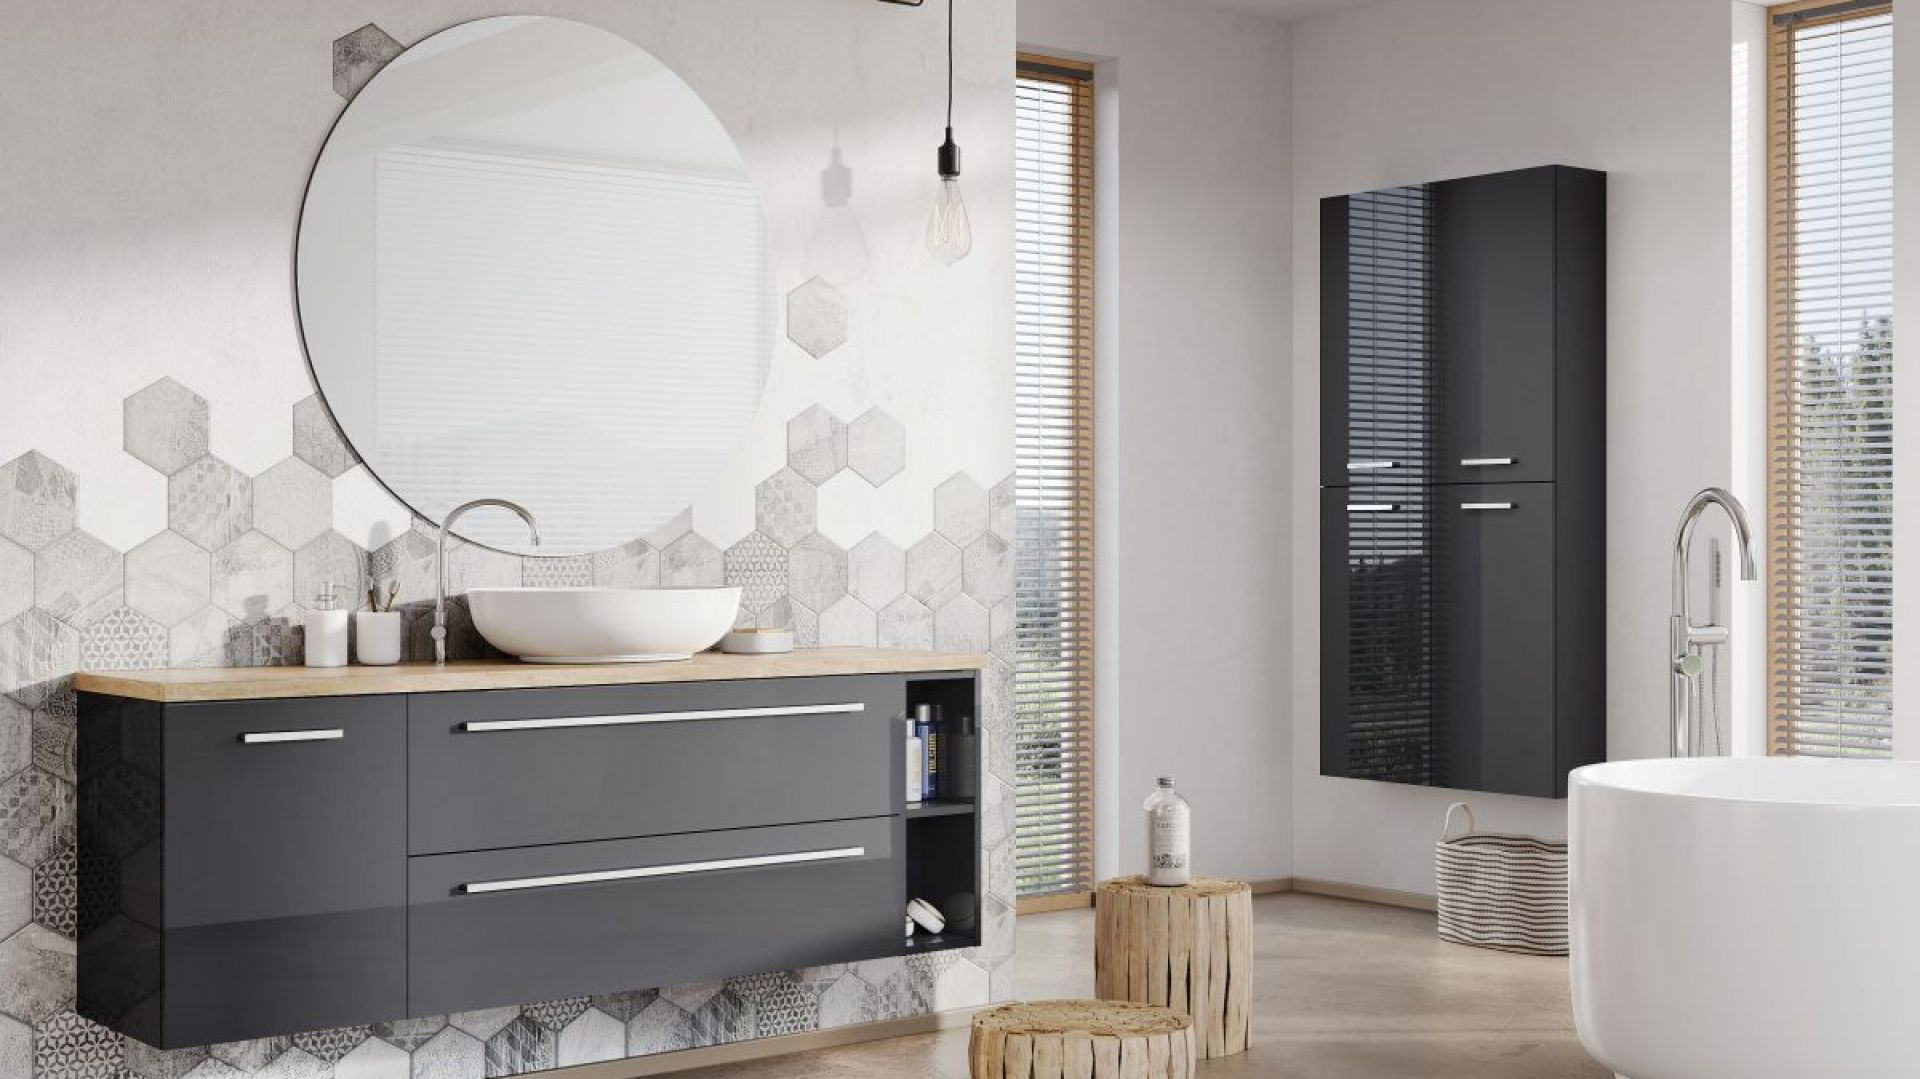 KWADRO - doskonale współgra z minimalistycznymi łazienkami gdzie ważna jest swoboda i przestrzeń. Fot. Elita